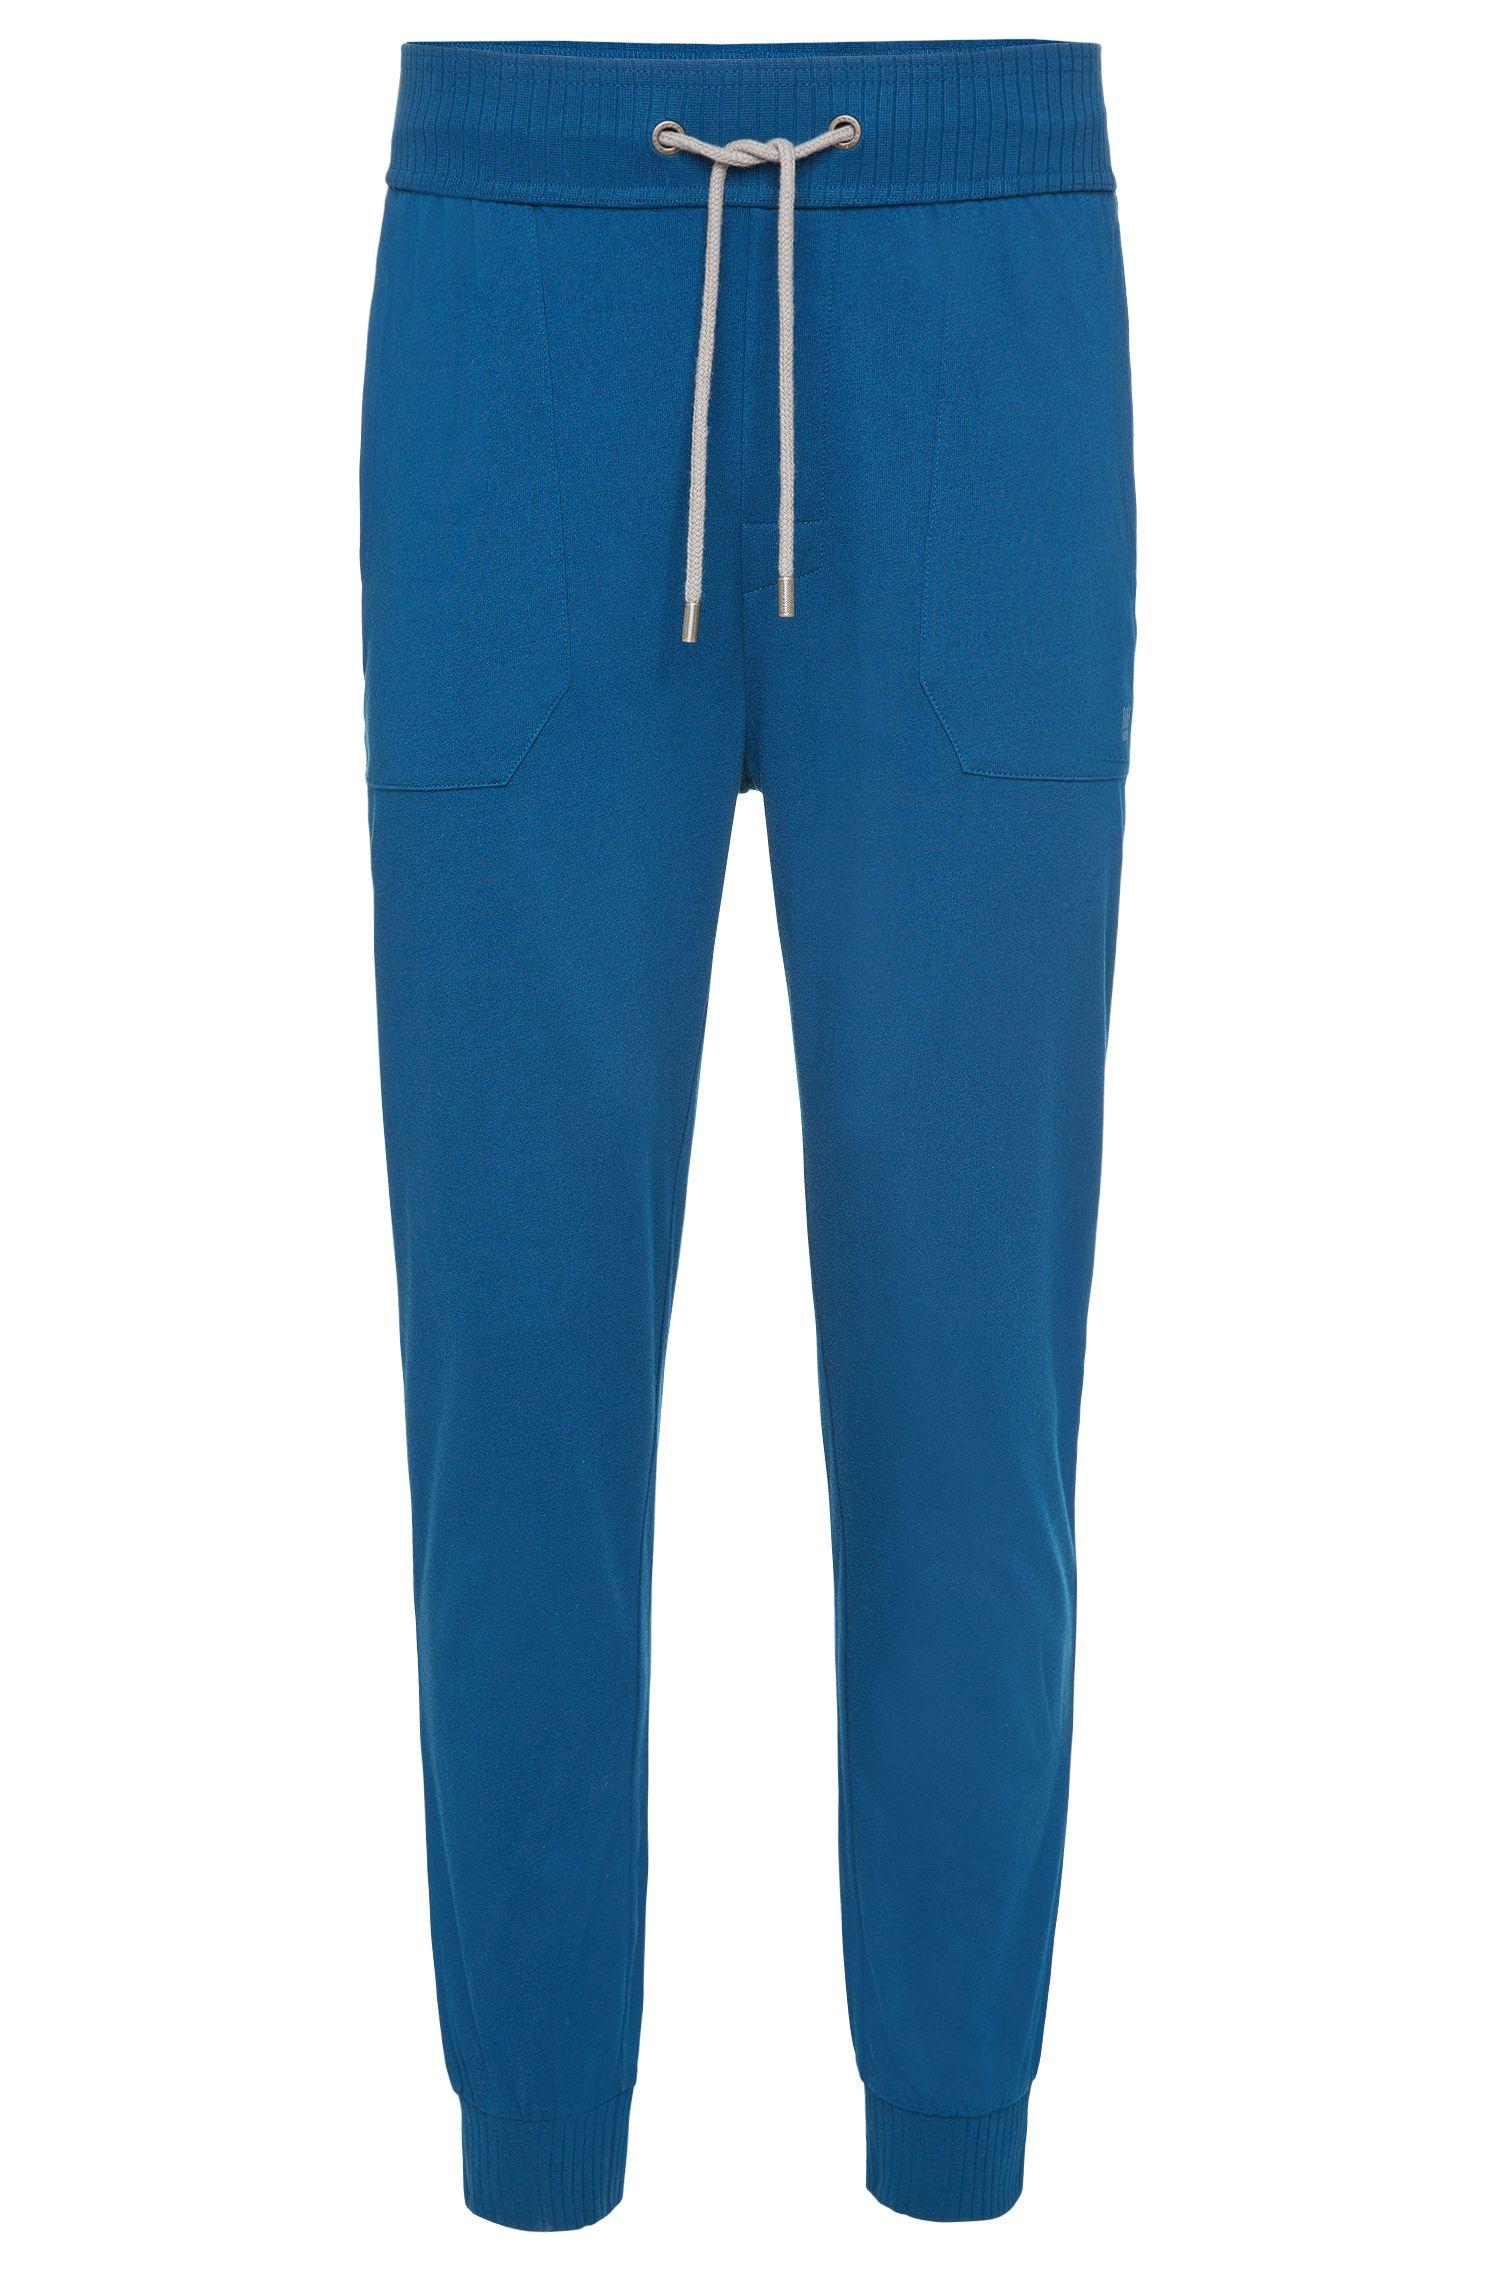 Pyjama-Hose aus Baumwolle mit Tunnelzug und Elastikbund: 'Long Pant Cuffs'